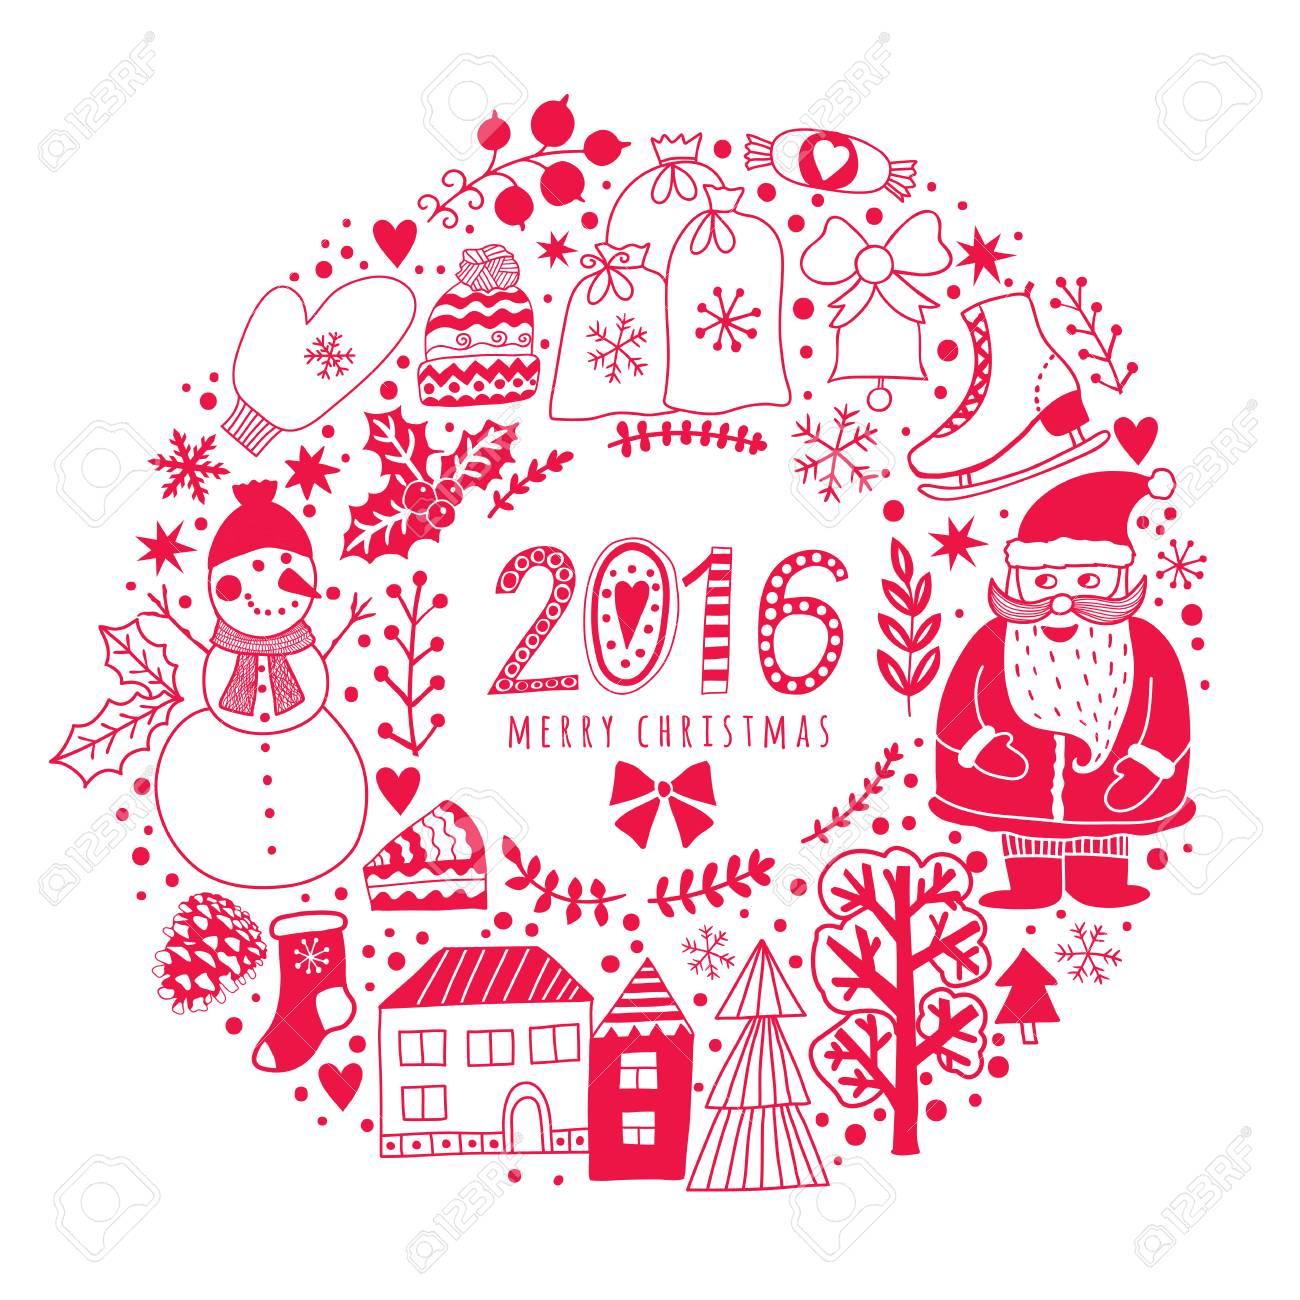 Vector Kreis Kranz, Weihnachten Grußkarte Vorlage, Frohe Weihnachten ...